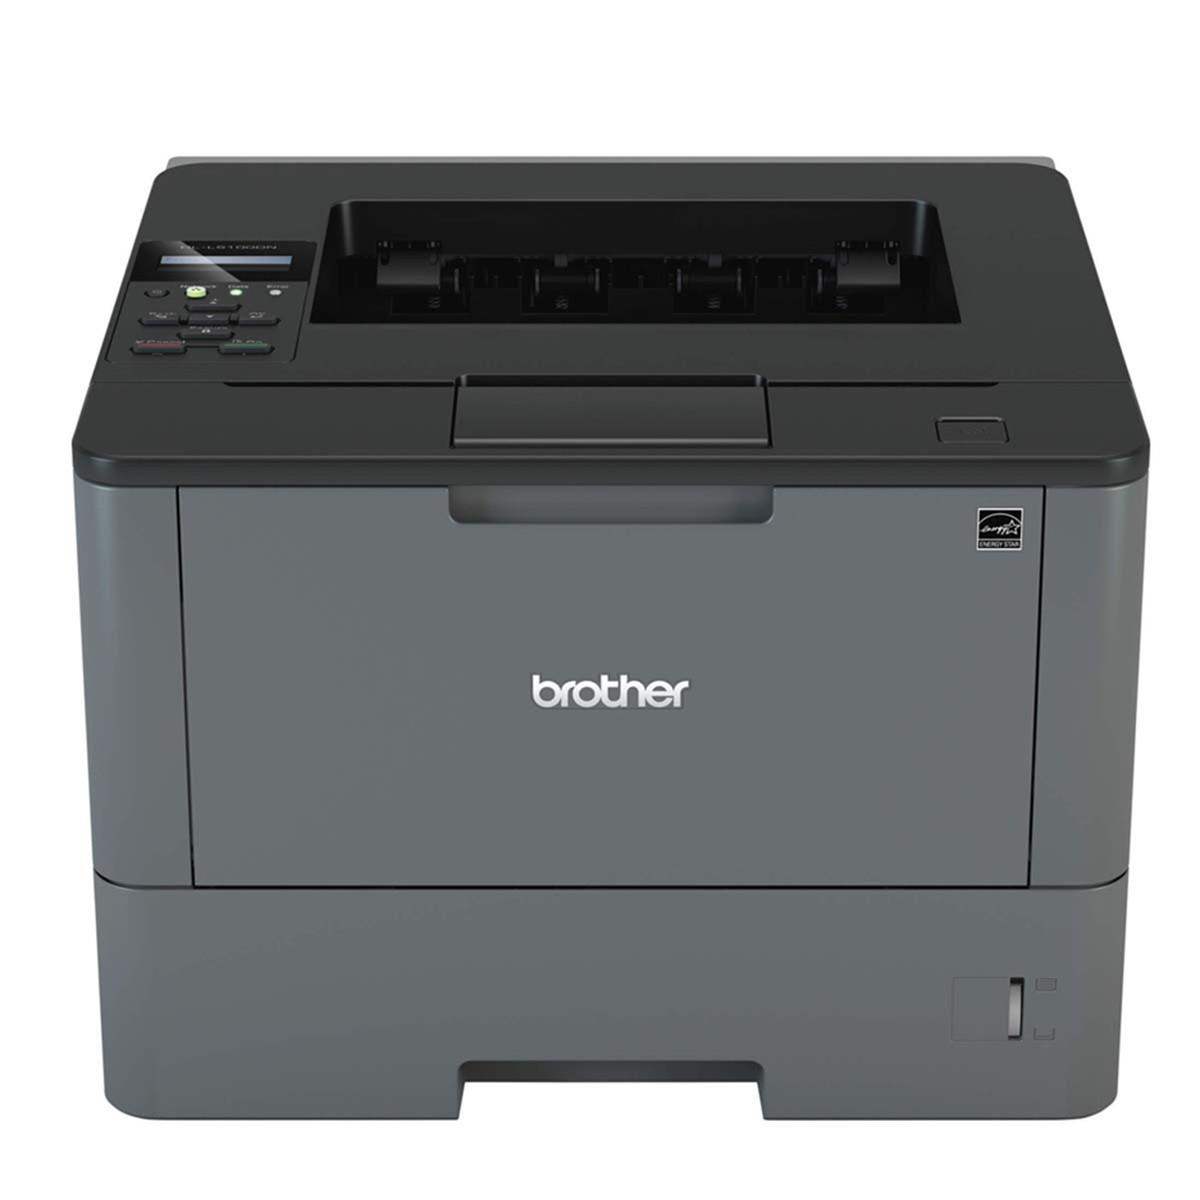 Impressora Brother HL-L5202DW HLL5202 Laser Monocromática com Wireless e Duplex